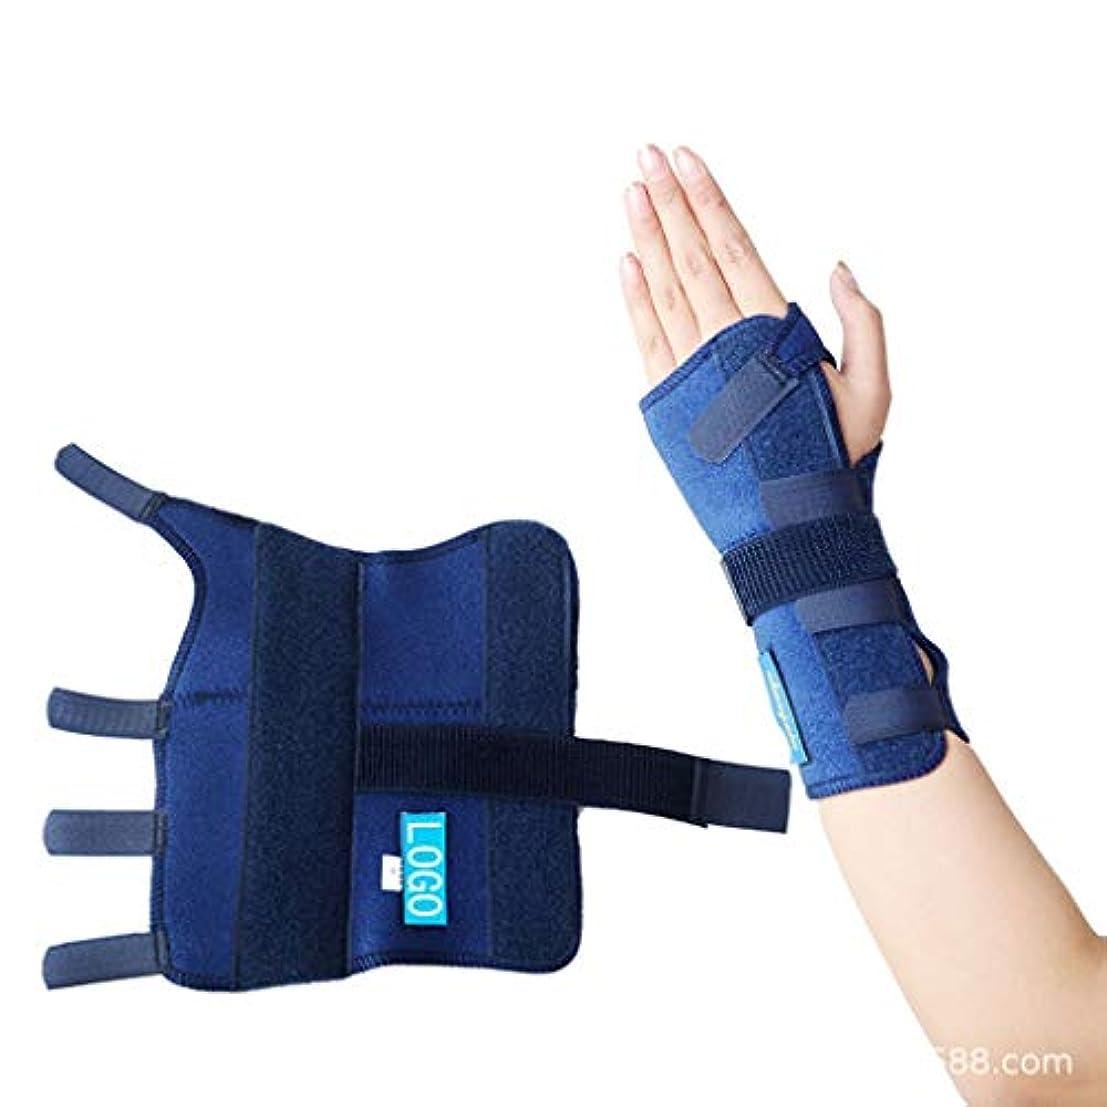 機械的にペフ周囲レリーフブレースコレクター親指手首傷害回復スプリント指セパレーター手矯正手根管関節痛リリーフコレクター指スプリント,Bluerighthand,XL